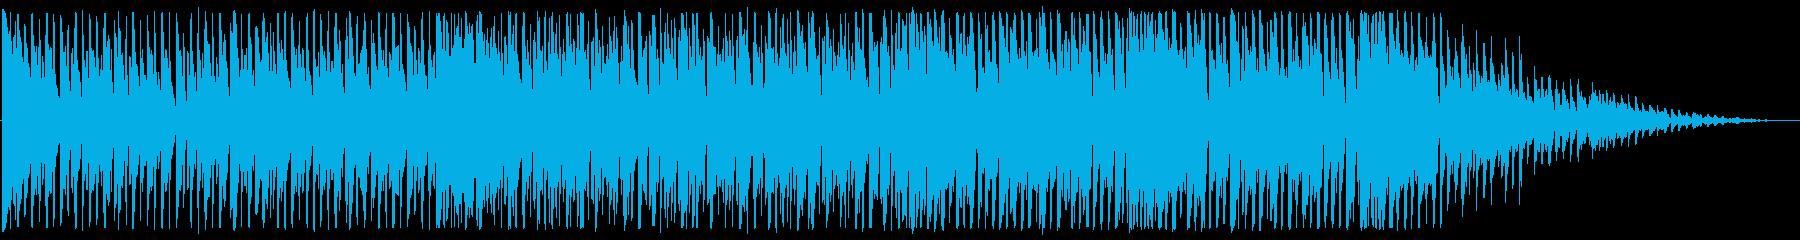 ピアノ/爽やか/ハウス_No488_3の再生済みの波形